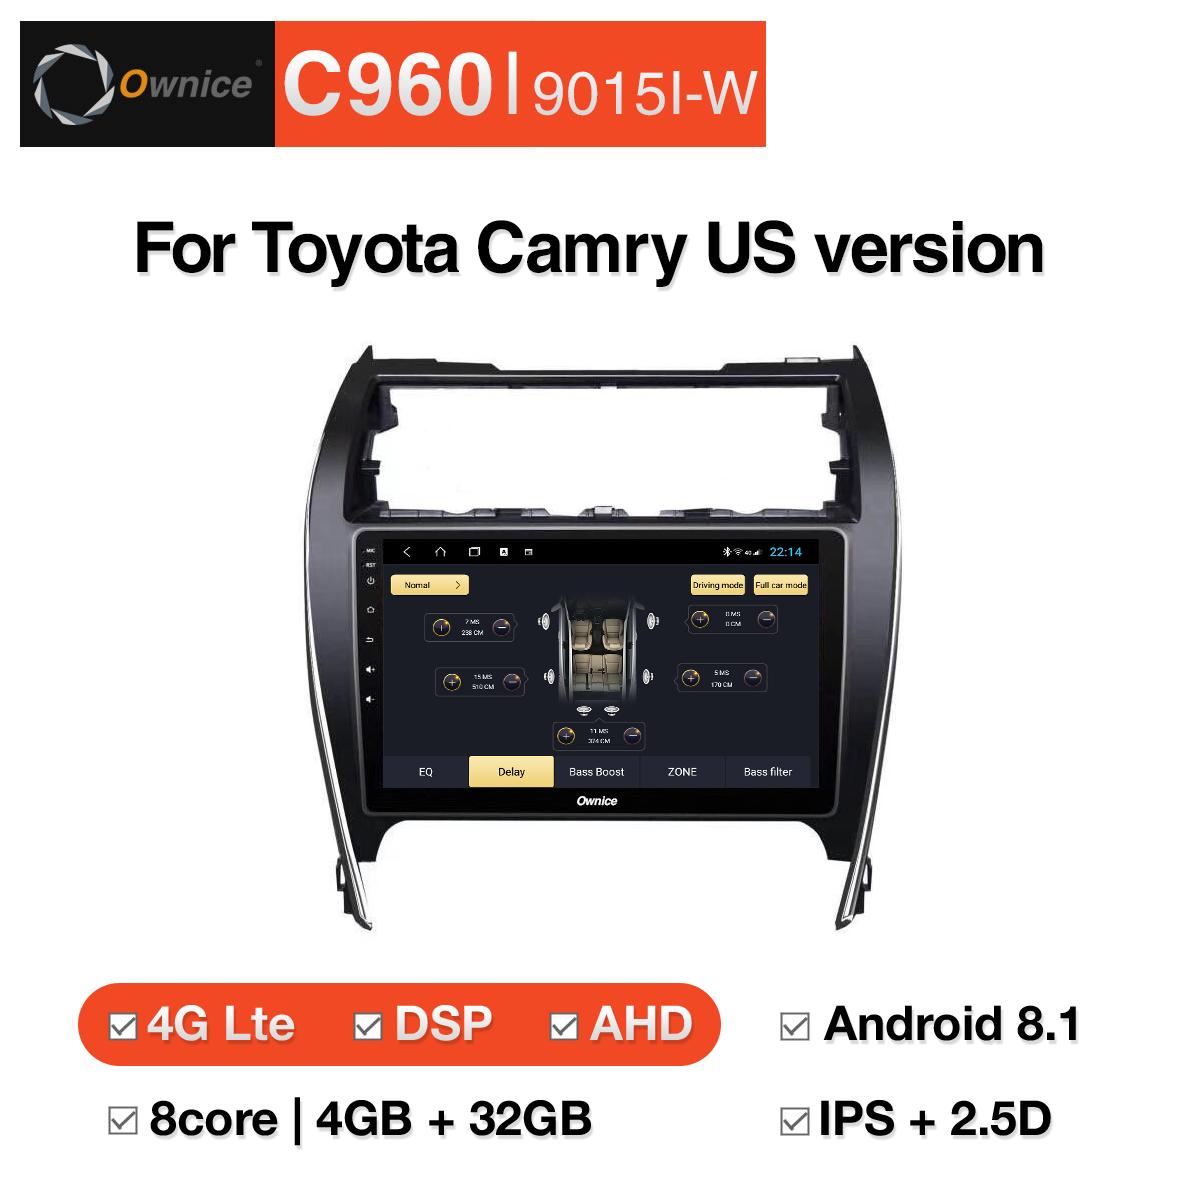 Đầu DVD android Ownice C960 cho xe ô tô Toyota Camry US version:: OL- 9015I-W